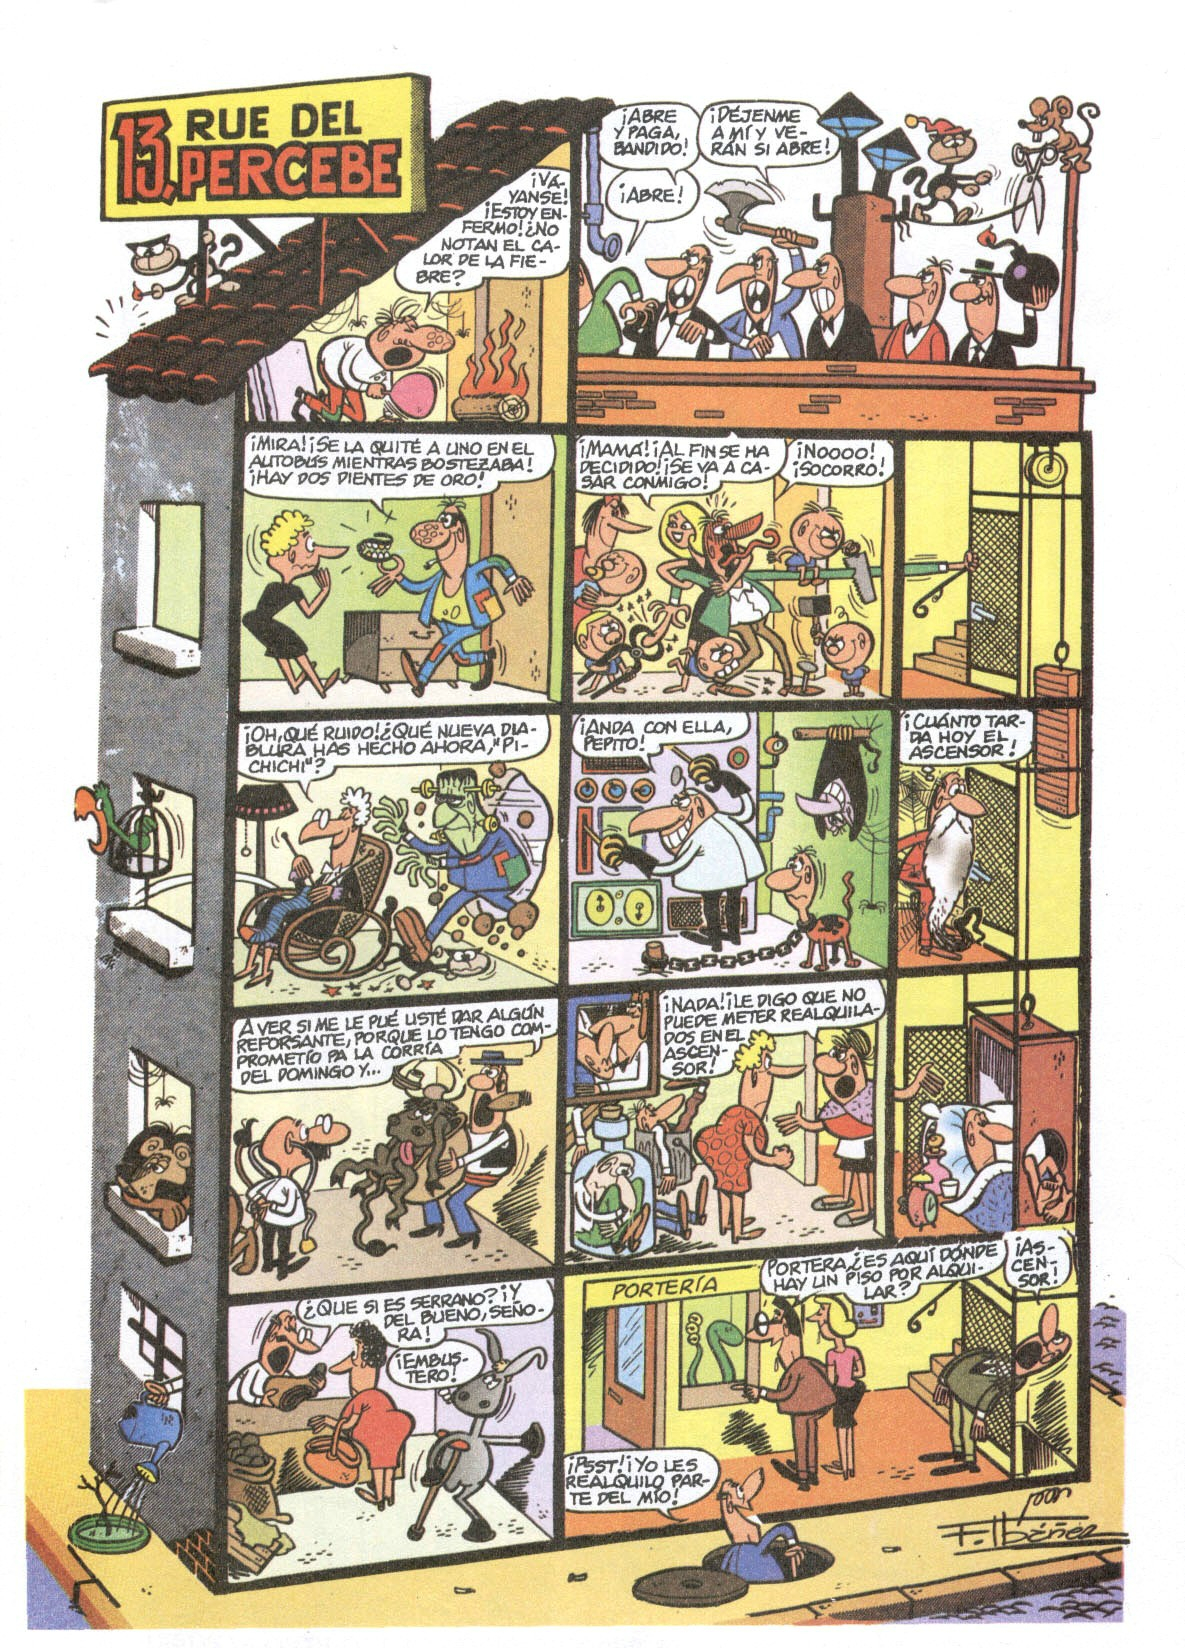 13 Rue del Percebe